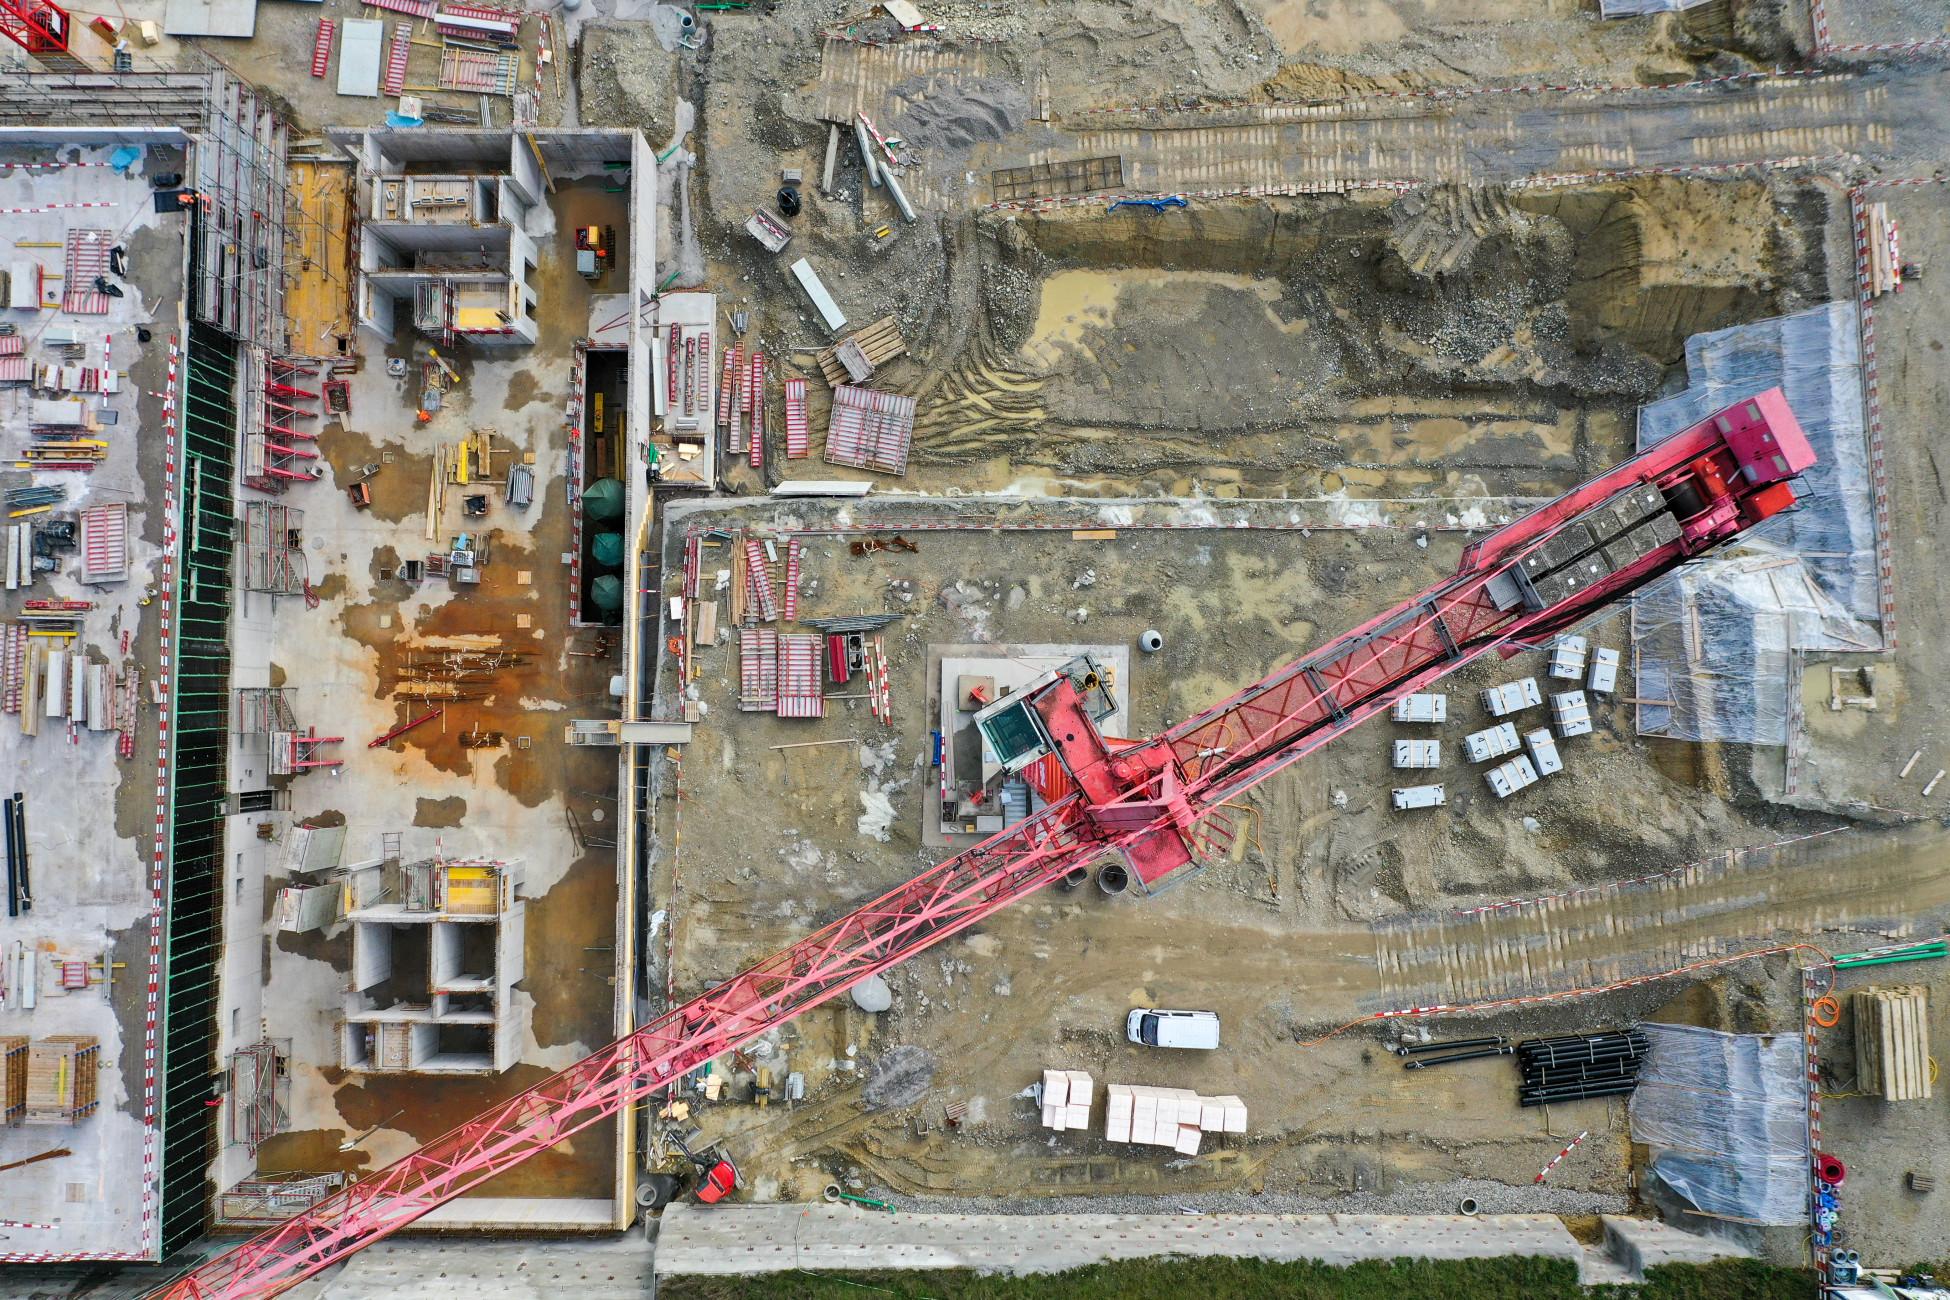 Baustelle mit rotem Kran aus der Vogelperspektive